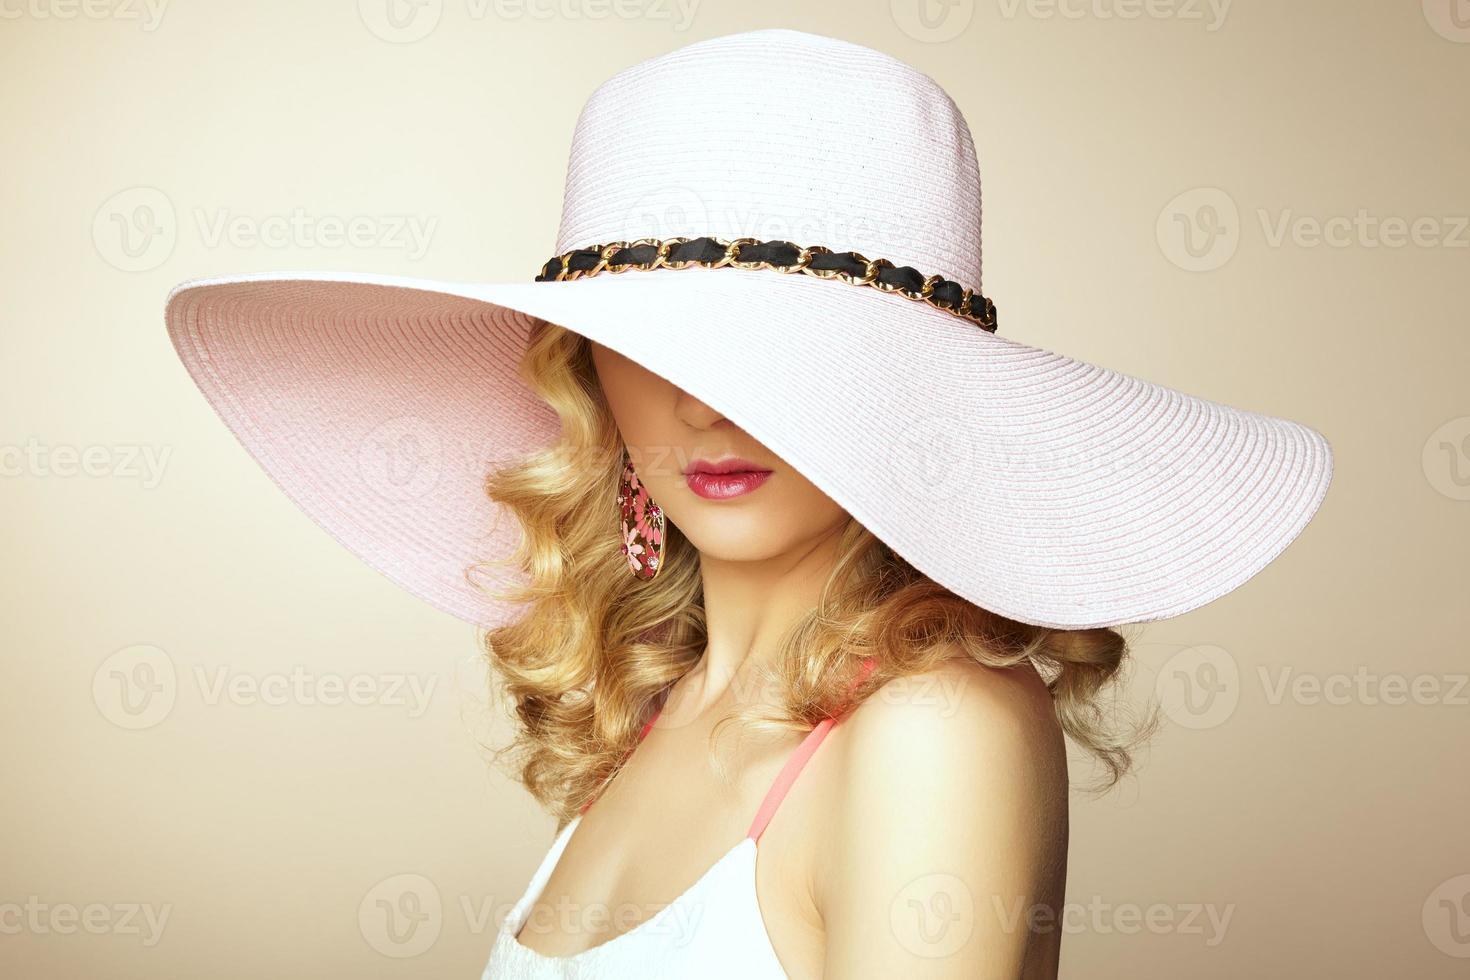 foto de moda jovem mulher magnífica no chapéu. garota posando